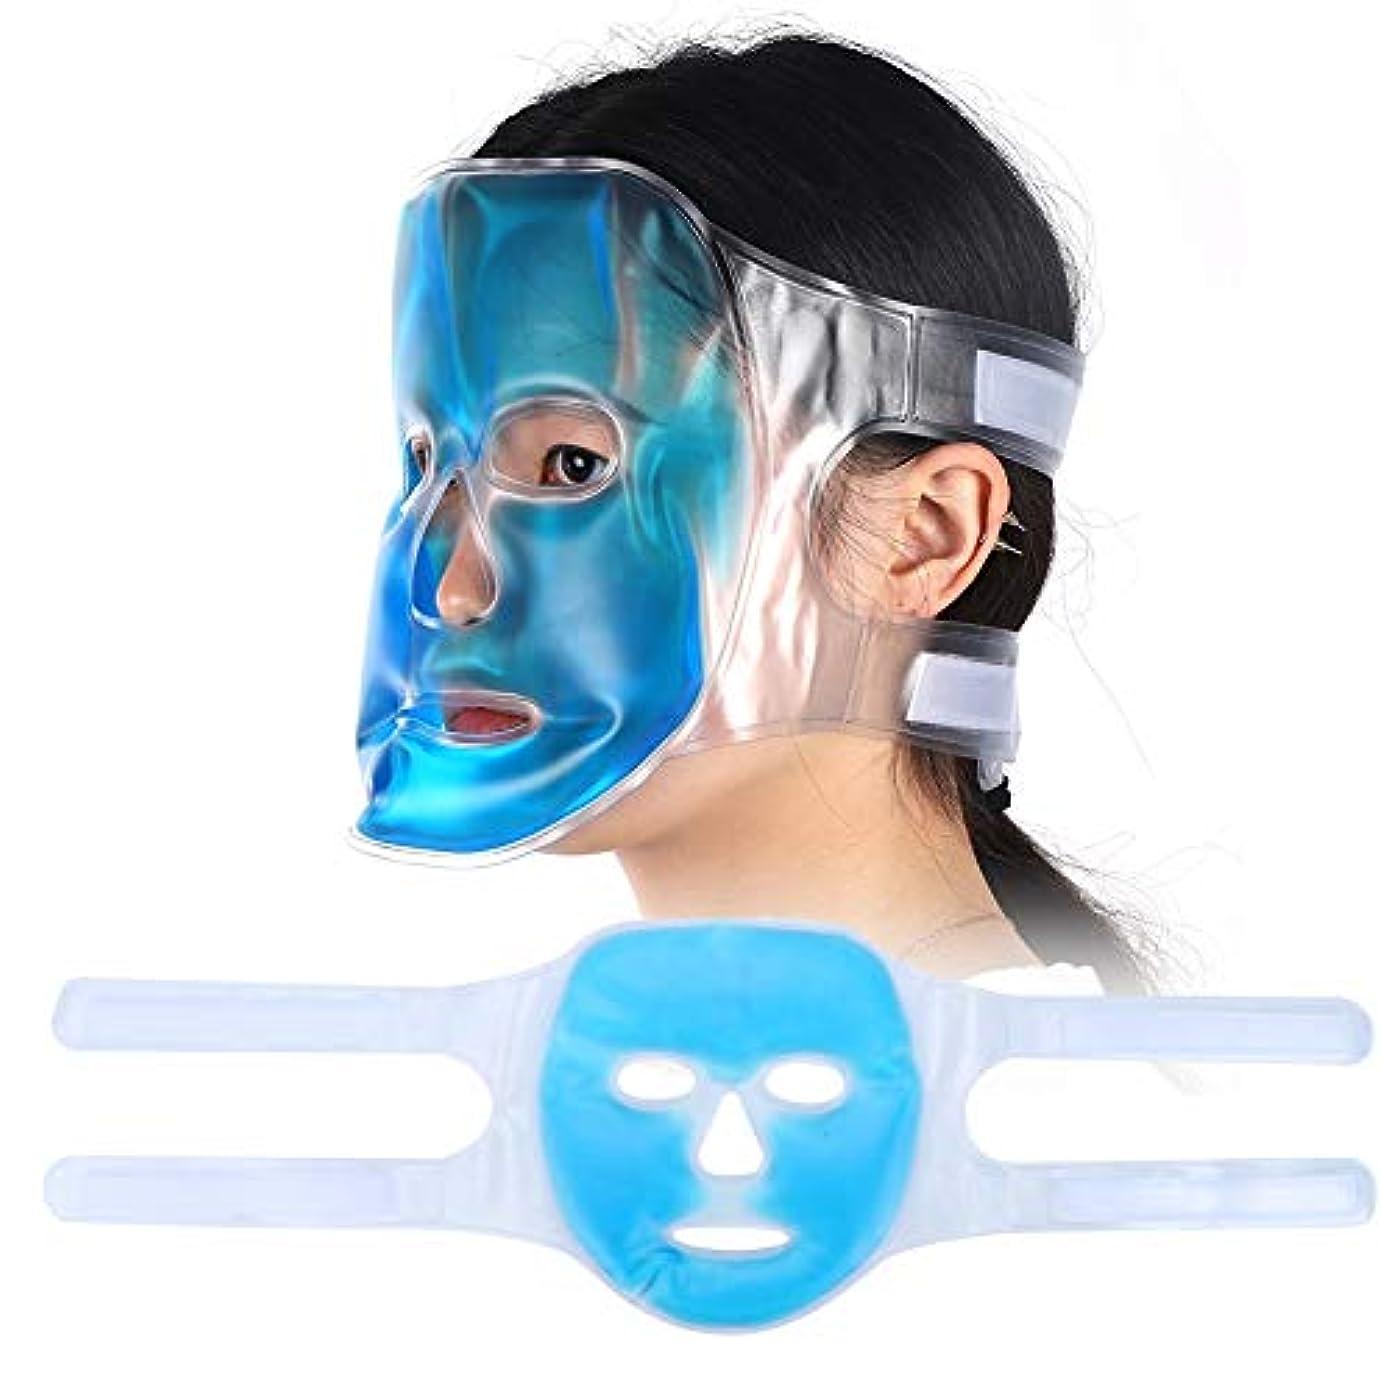 使役ガイダンス近傍保湿 ジェルブルーフェイスマスク 疲労緩和 リラクゼーションフル フェイスクーリングマスク